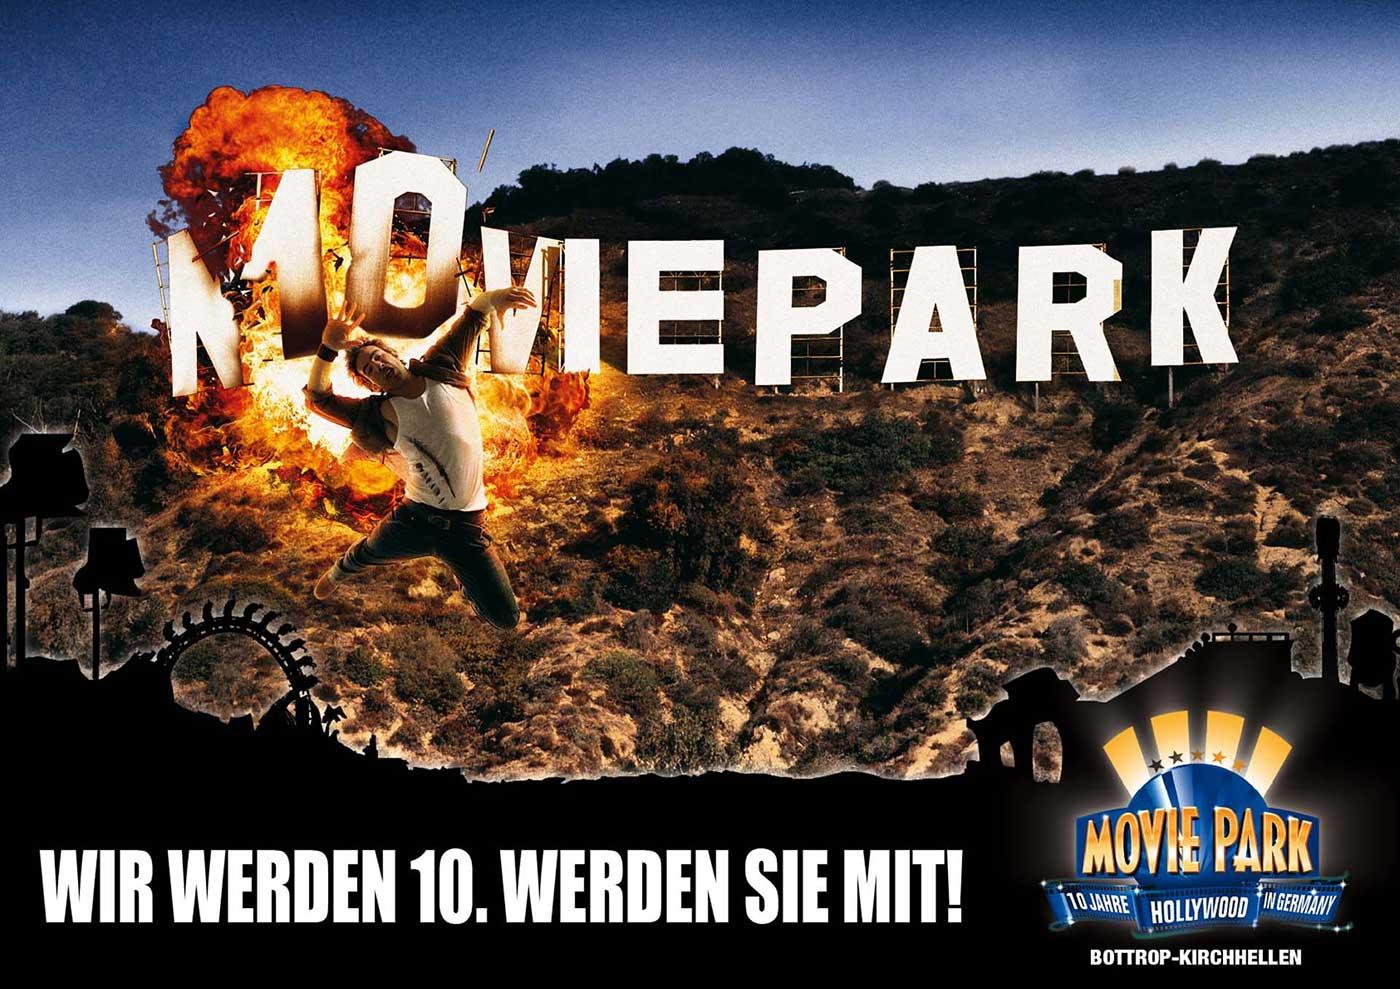 Aussenwerbung Movie Park Germany, Stuntshow